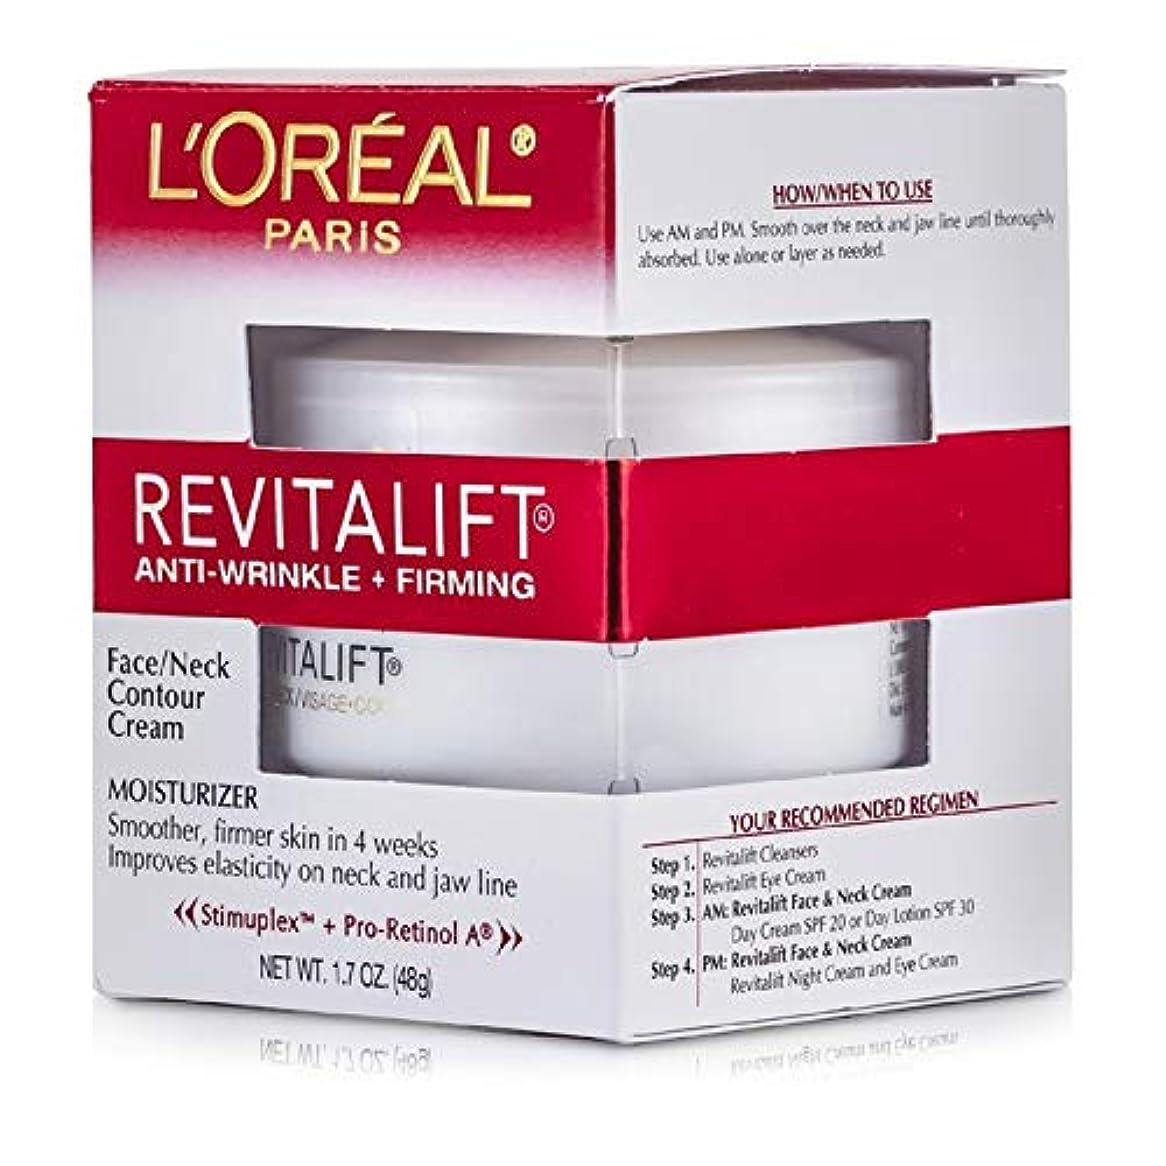 必要ない酸化物金属ロレアルパリ リバイタリフトアンチリンクル+ファーミングフェイス ネックコントゥールクリーム 48g